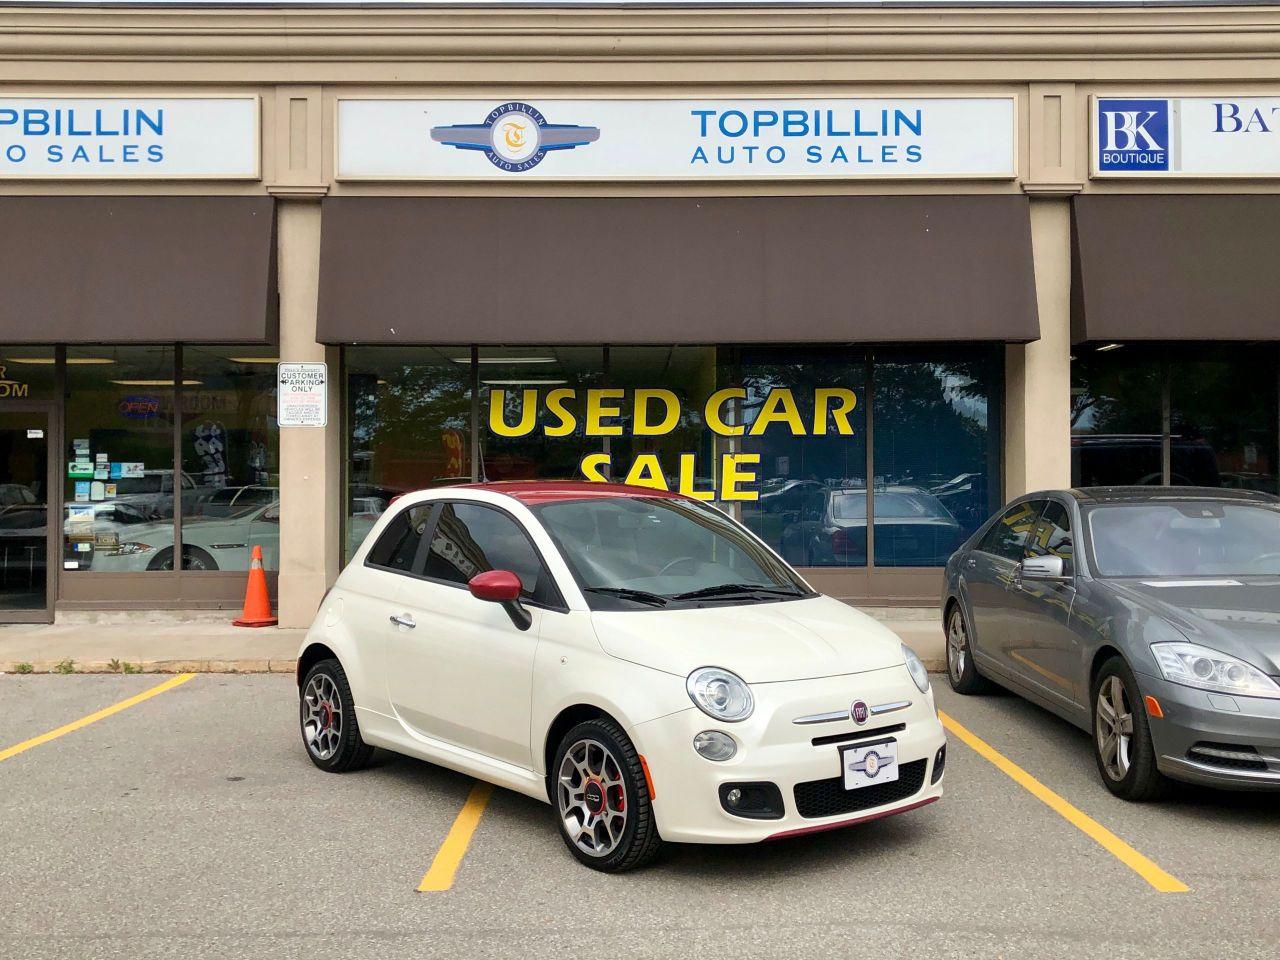 2012 Fiat 500 Sport, Manual Transmission